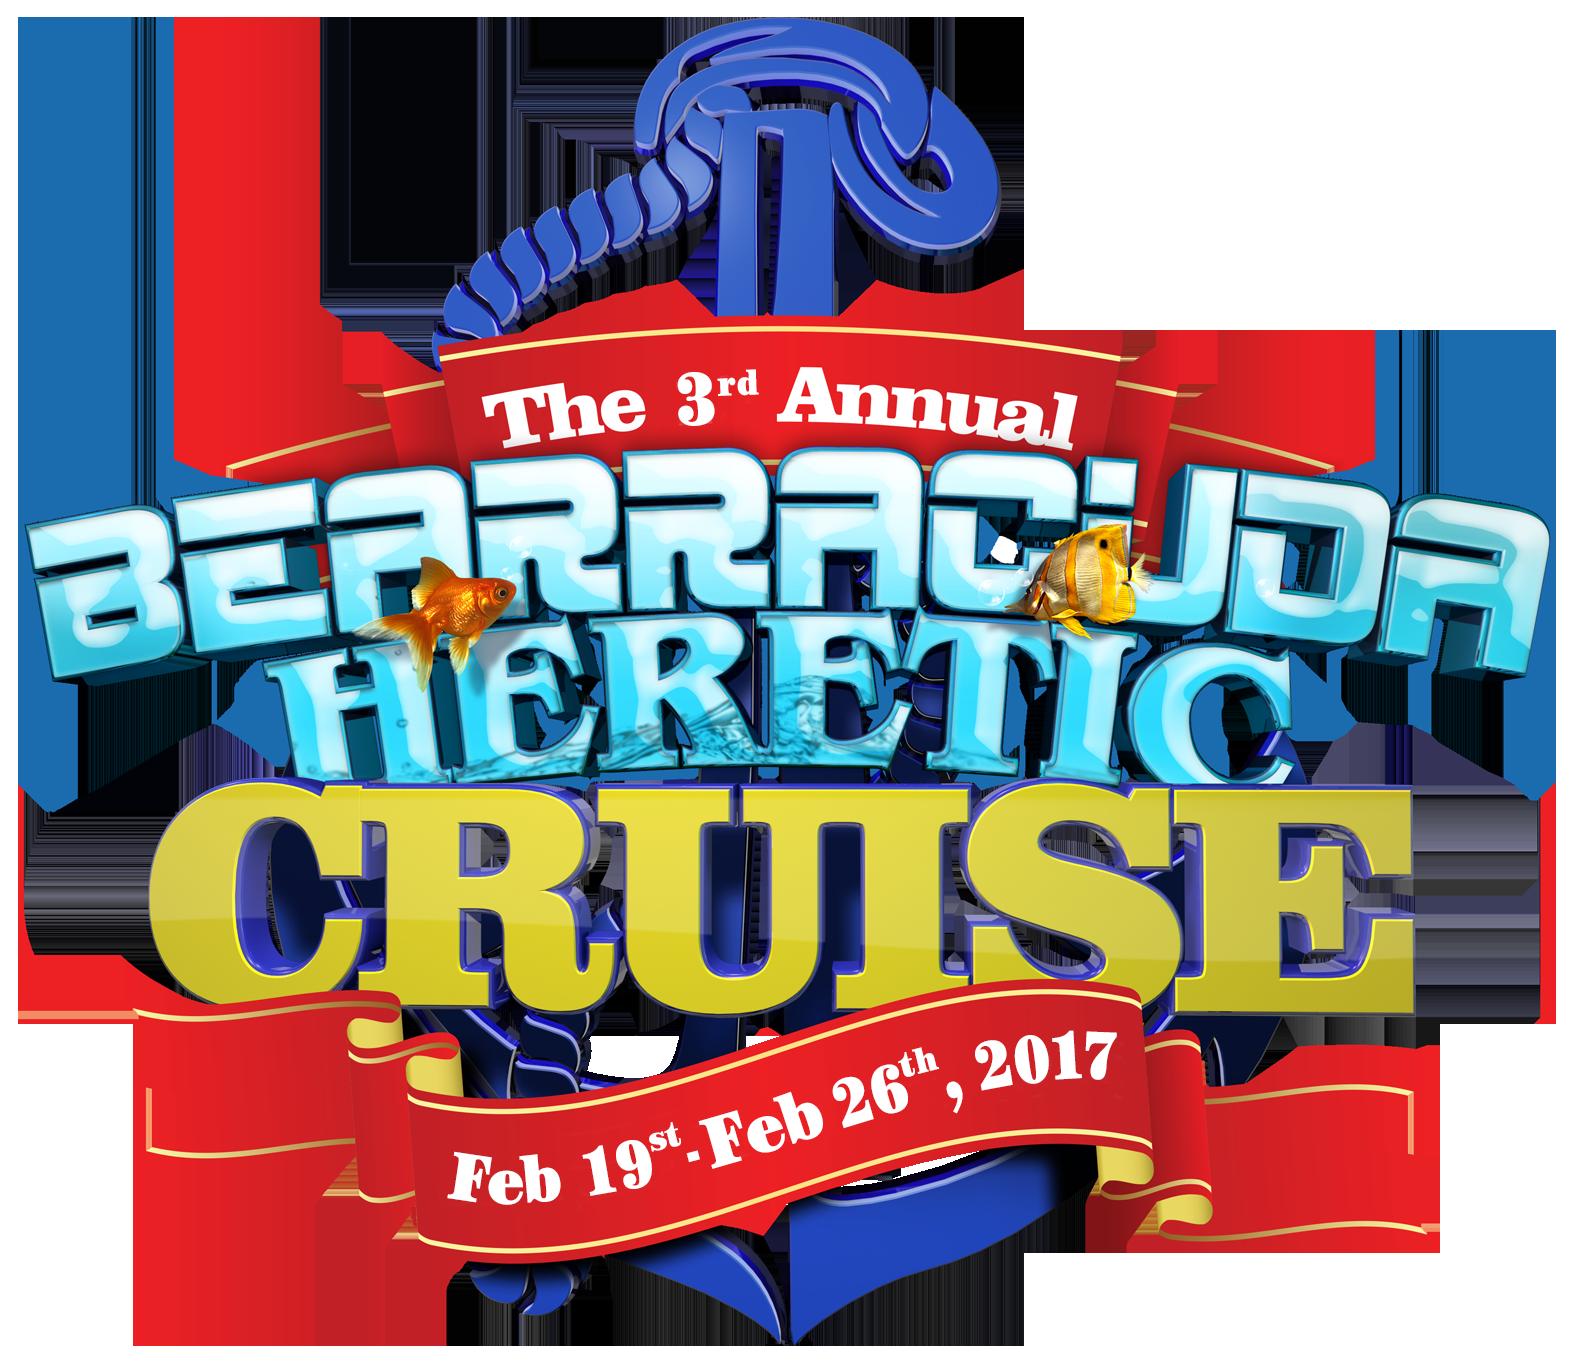 (The Bearracuda Heretic Cruise - Feb 16th - Feb 26th, 2017)